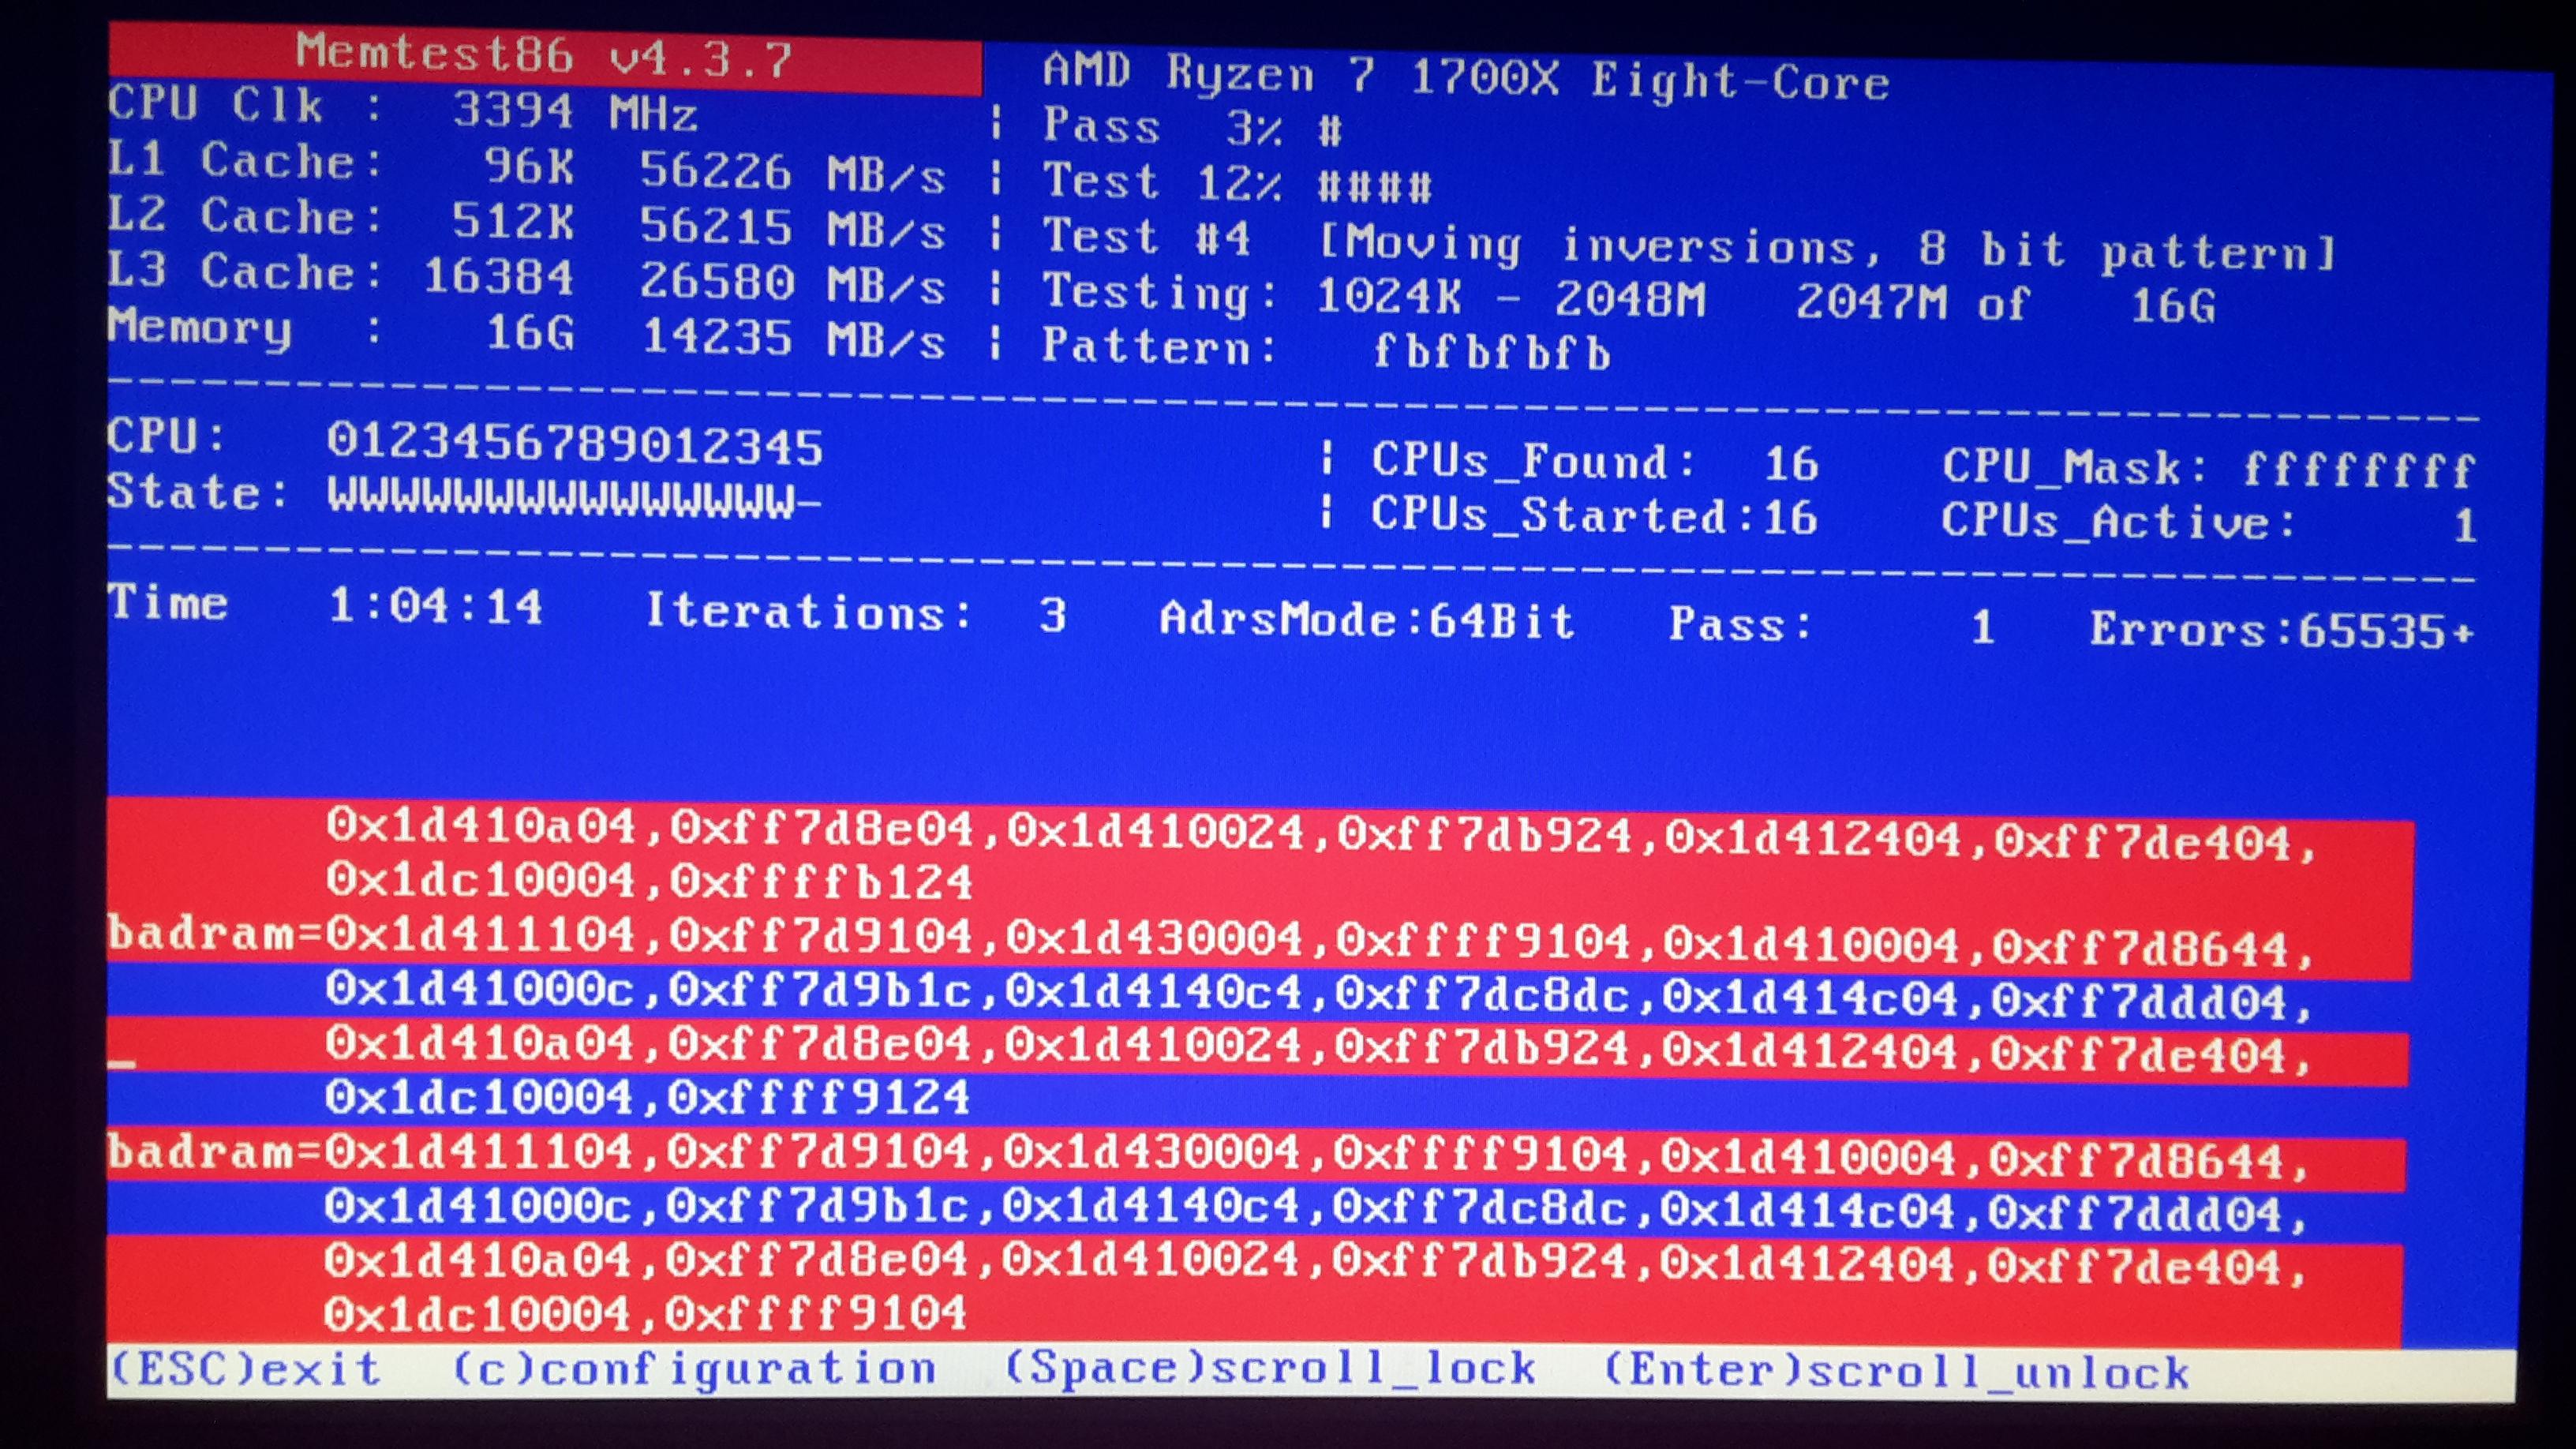 Solved]Ryzen 7 1700x crashes/instability - Hardware